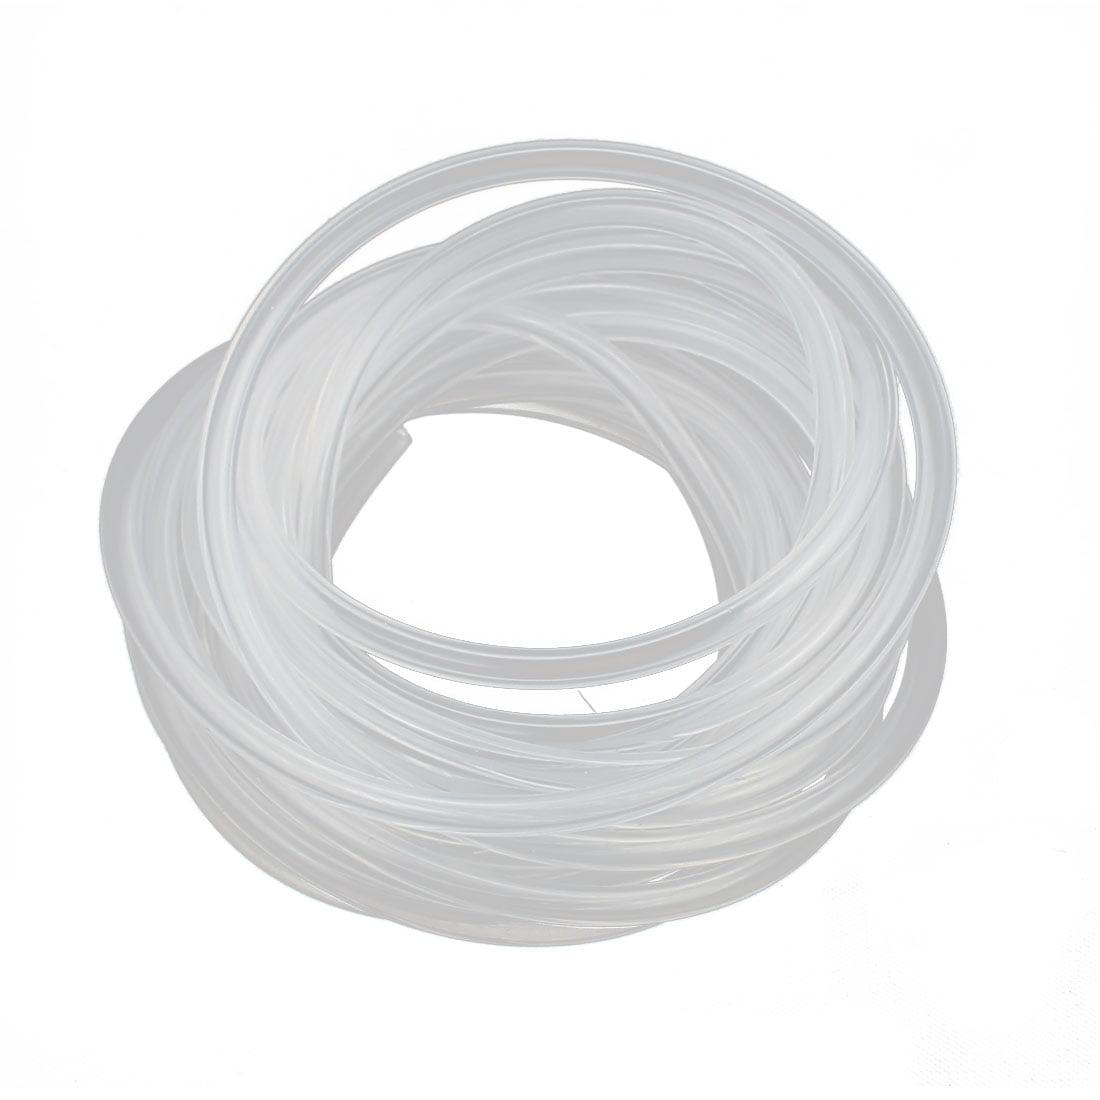 1.5mm x 3mm haute température souple résistant silicone Tube tuyau Long 2.5M - image 1 de 1